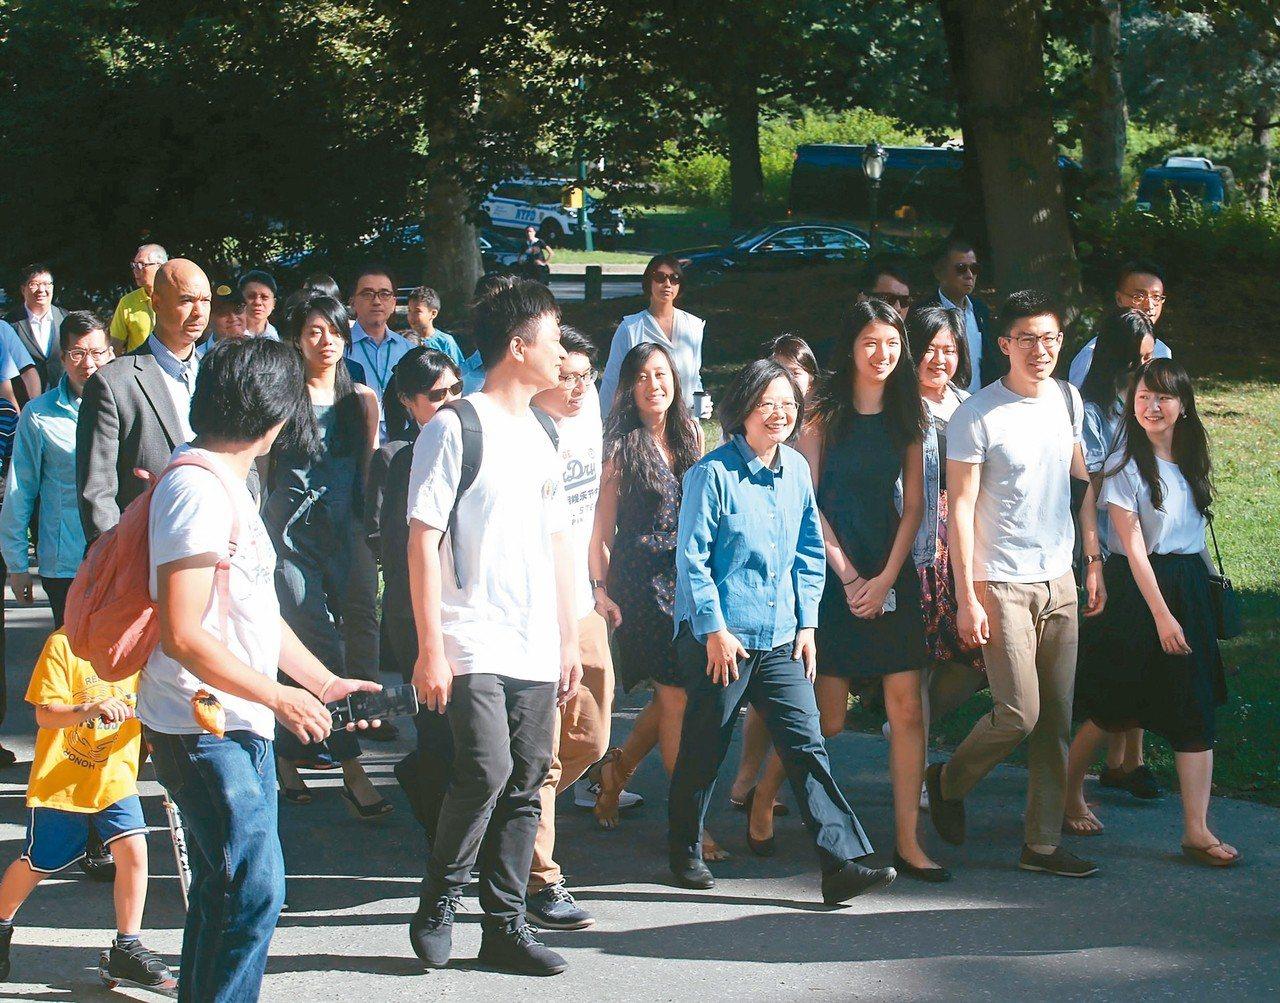 蔡英文總統(前中藍衣者)過境美國紐約最後一天行程,到中央公園與台灣留學生一起健走...